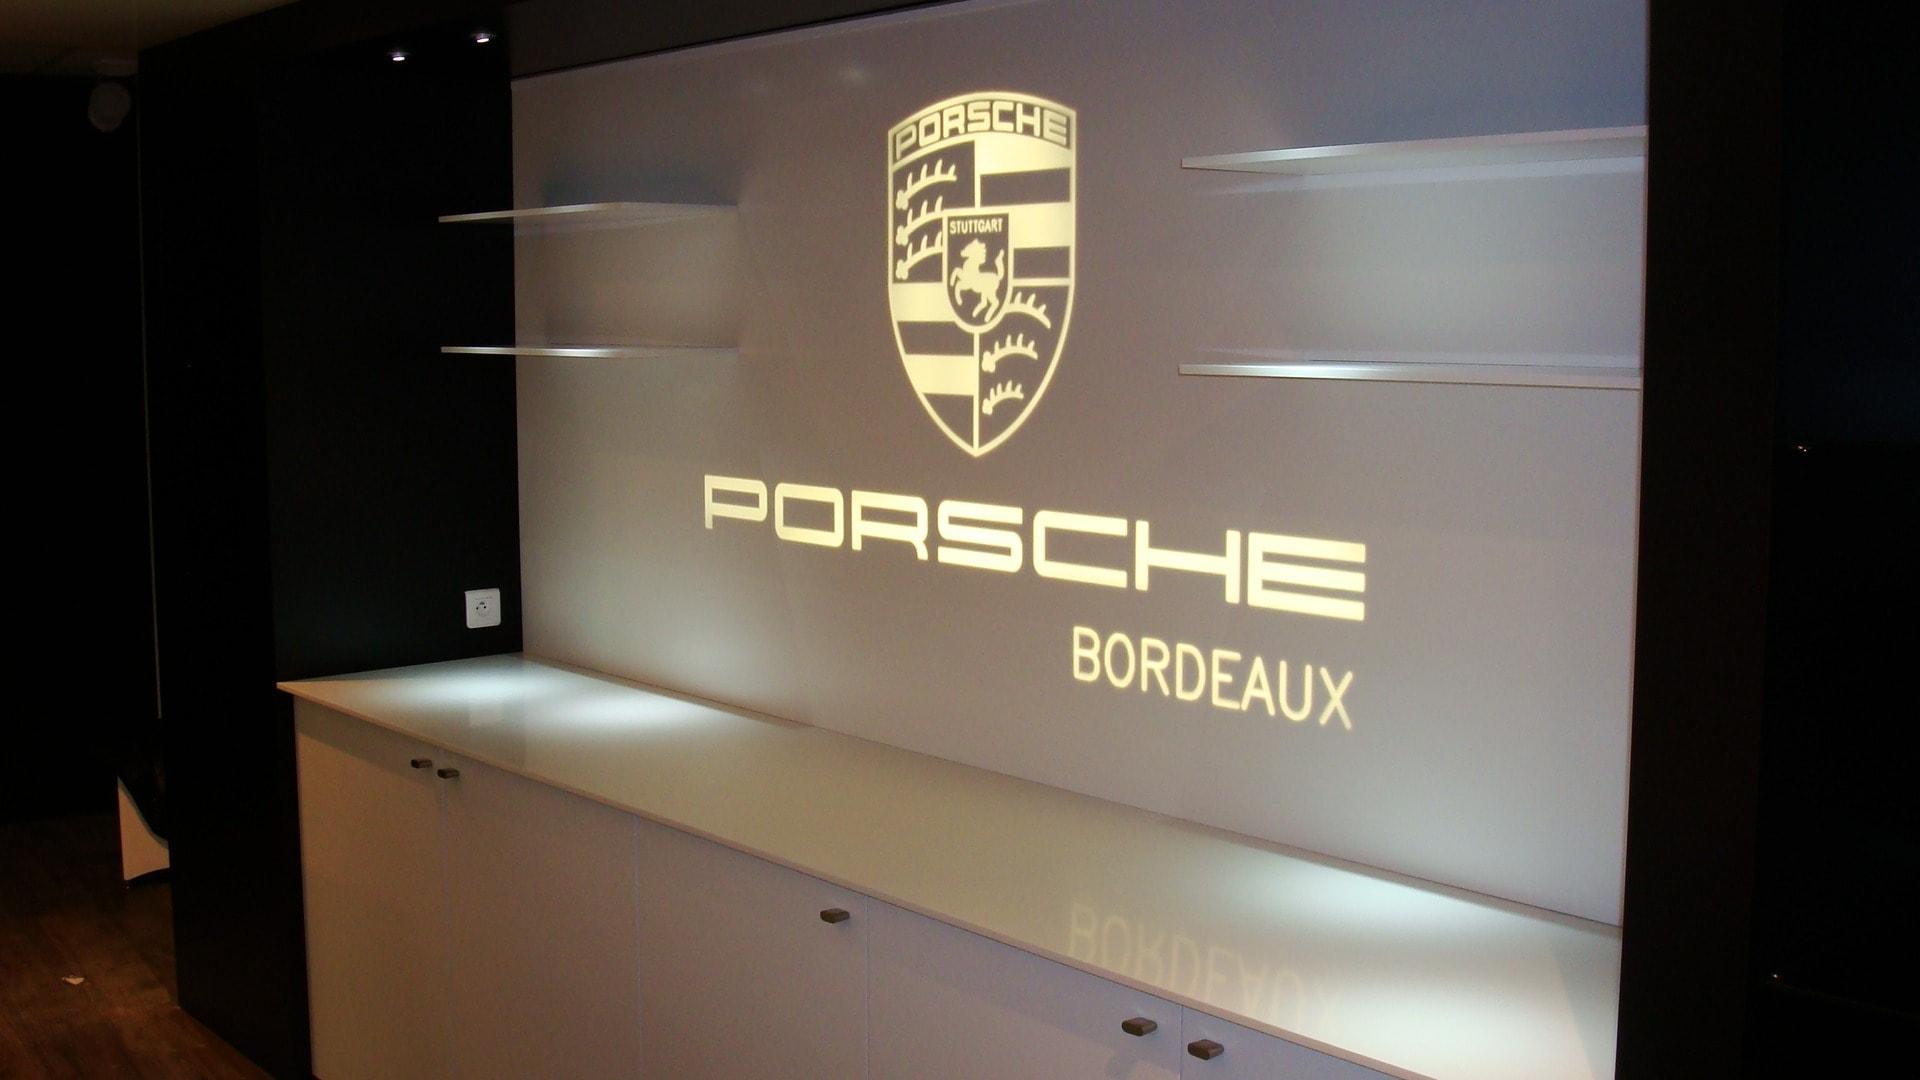 PORSCHE BORDEAUX - BF PRO CORIAN